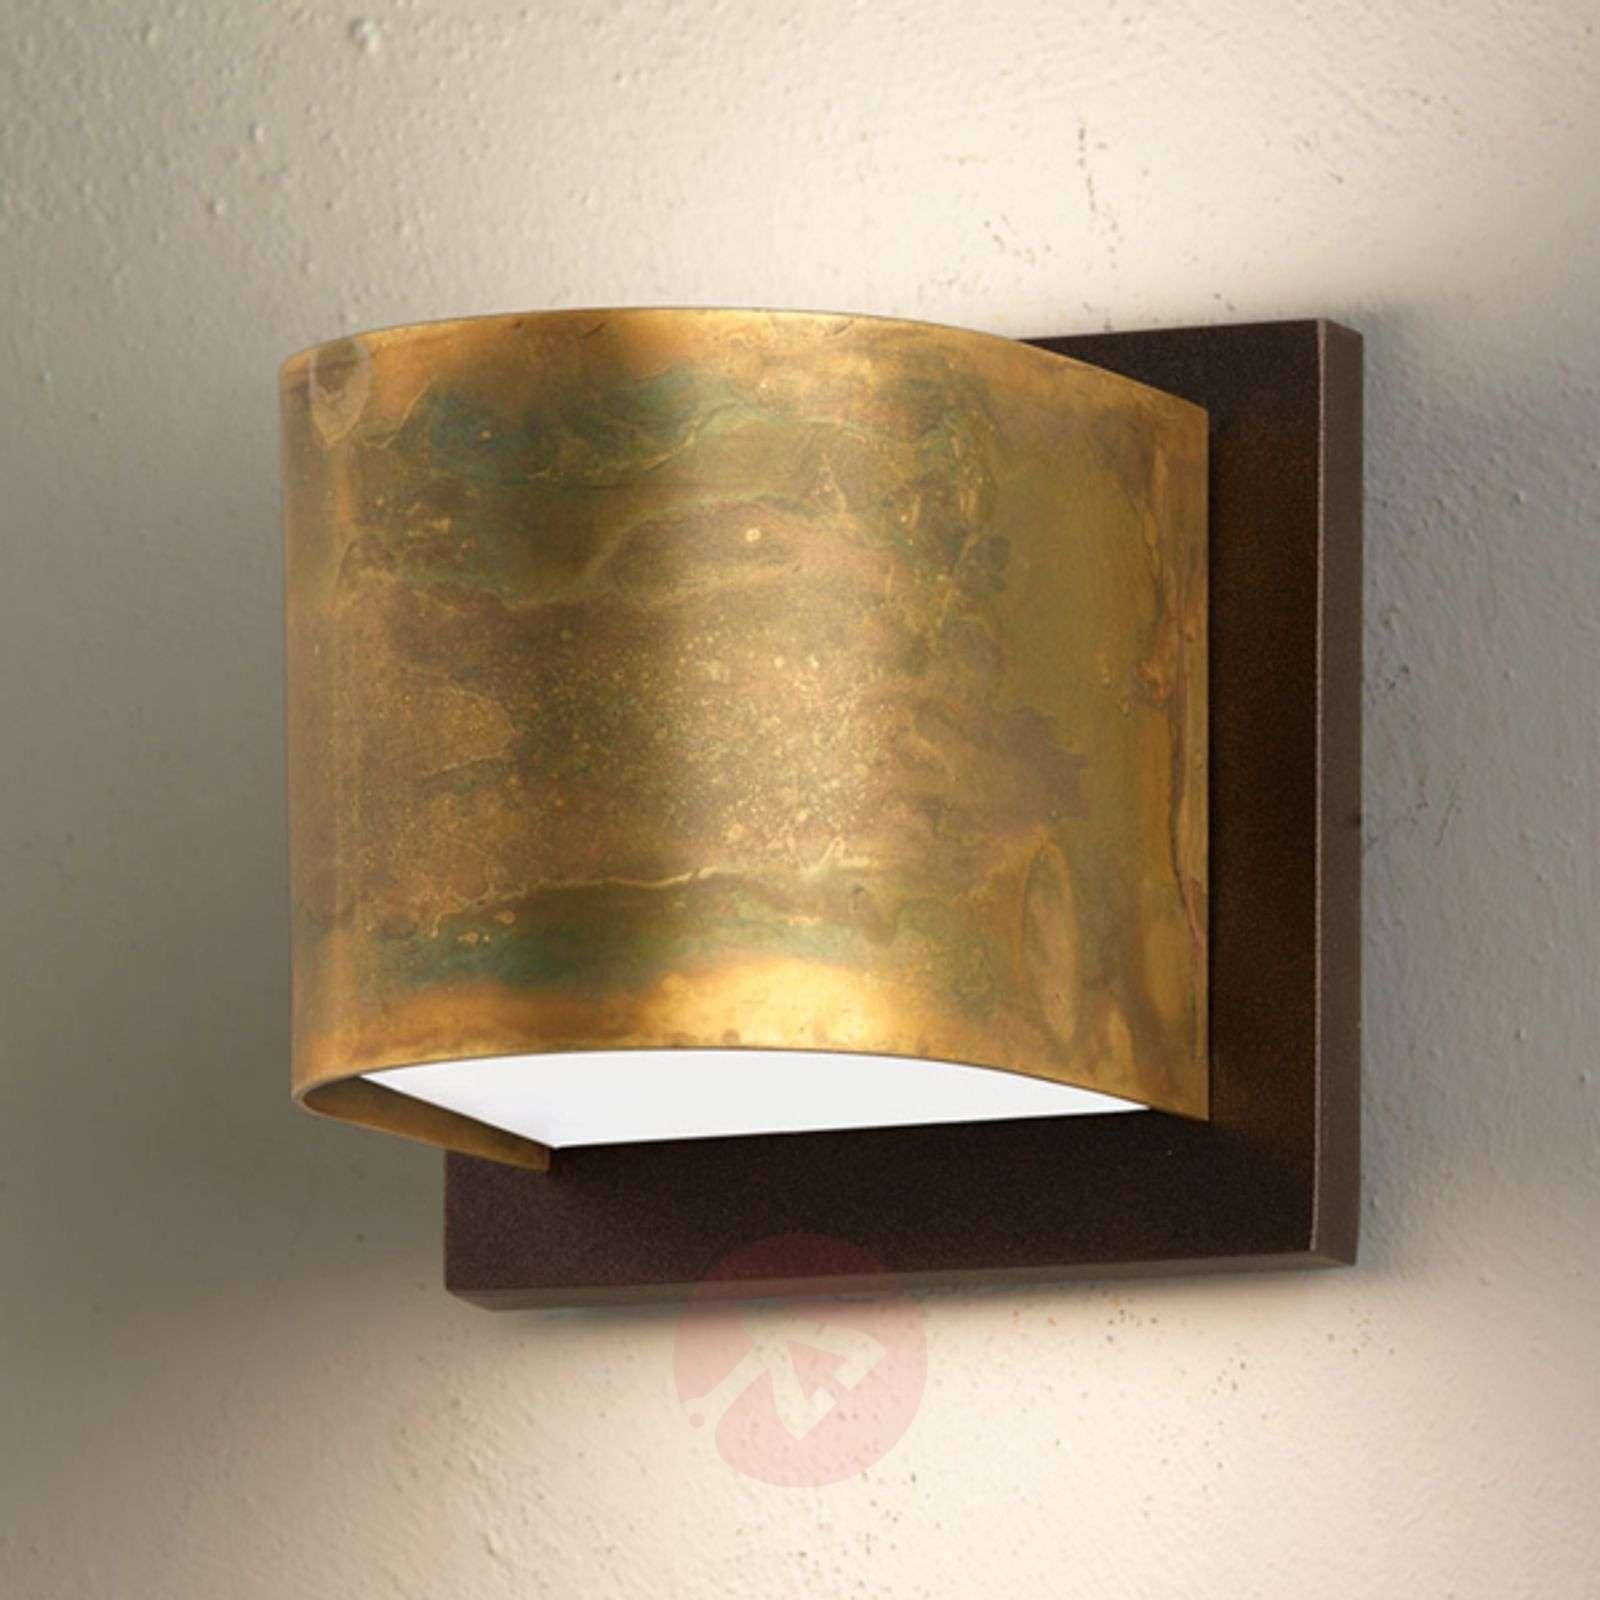 Pieni Lola-seinävalaisin lämpimissä väreissä-4011759-02